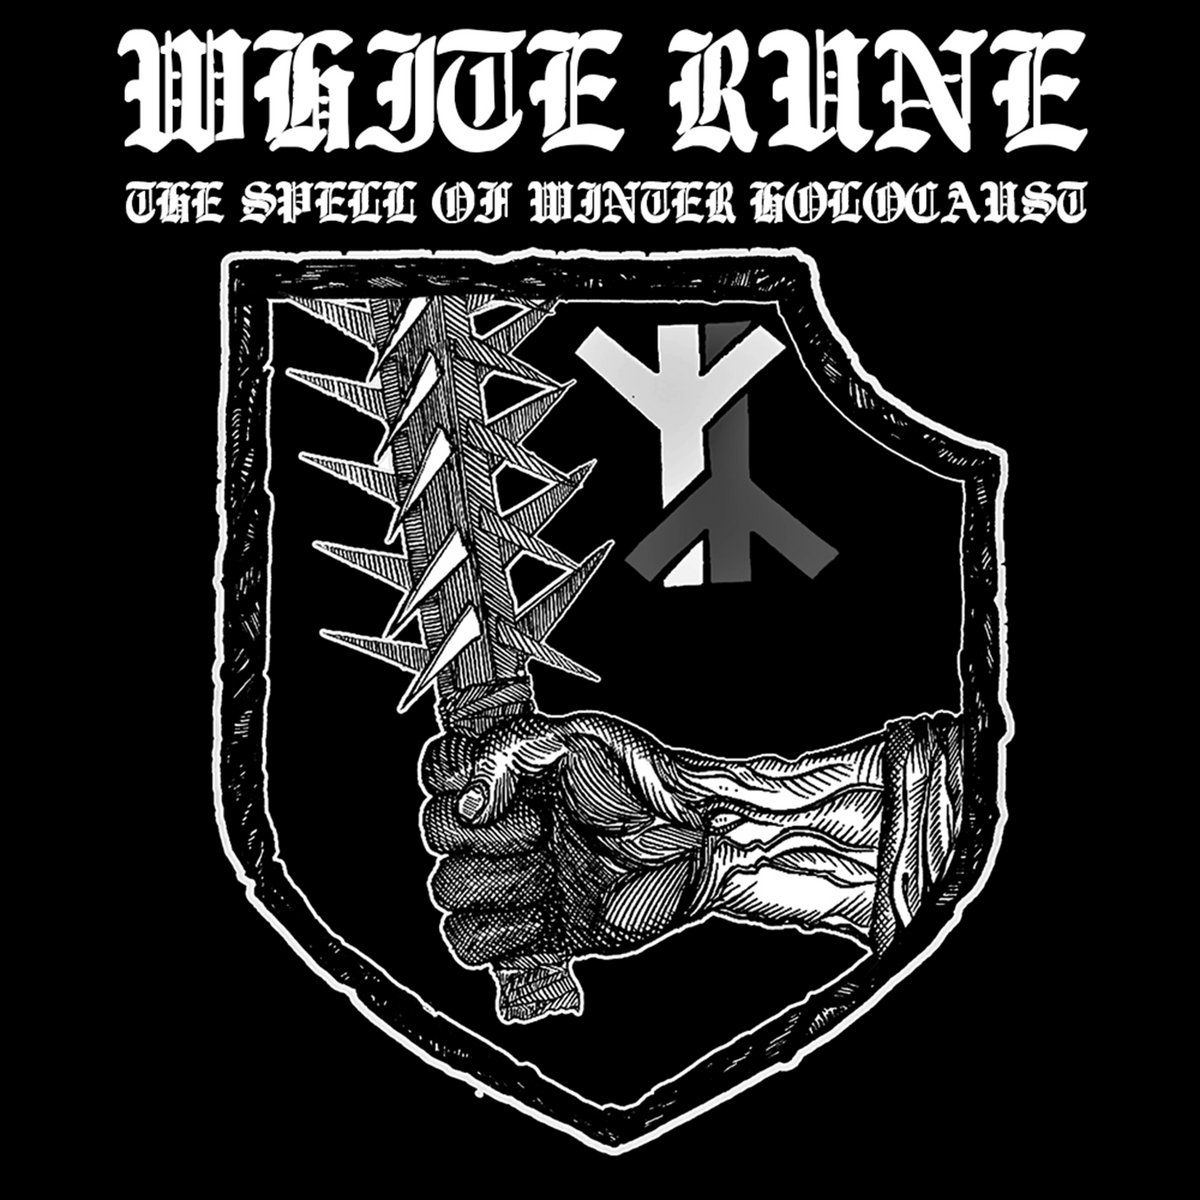 White Rune - The Spell of Winter Holocaust